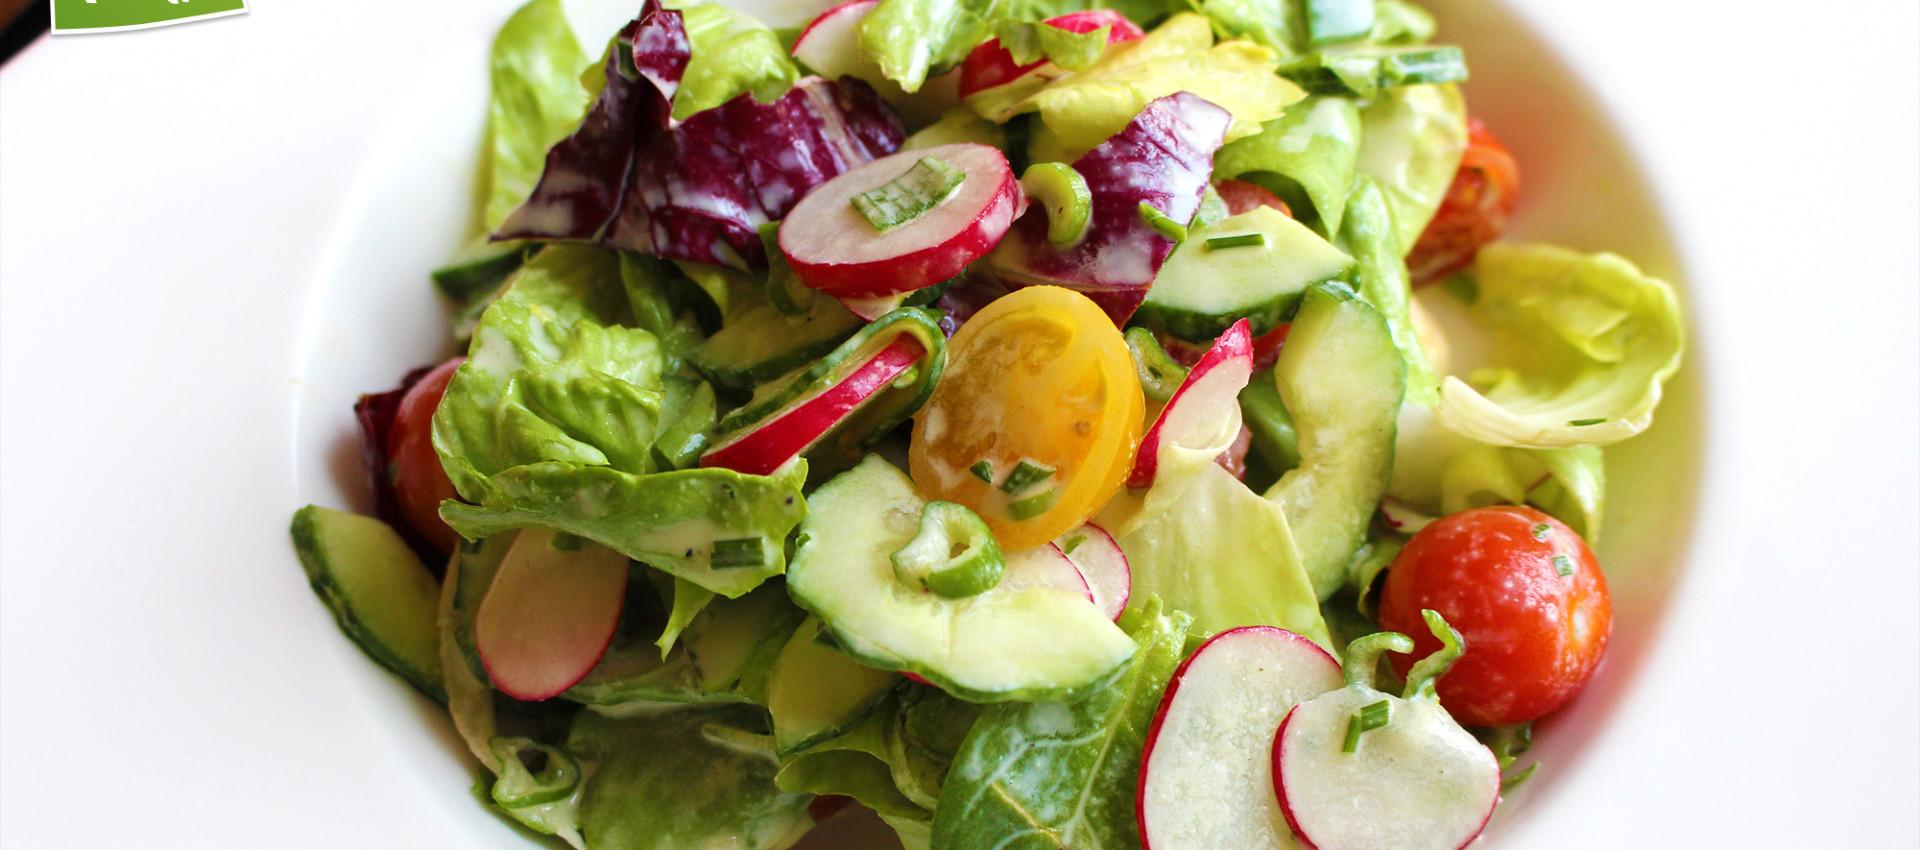 Rezept bunter Frühlingssalat mit Radiesschen & selbstgemachten Joghurt Dressing - KochBock.de